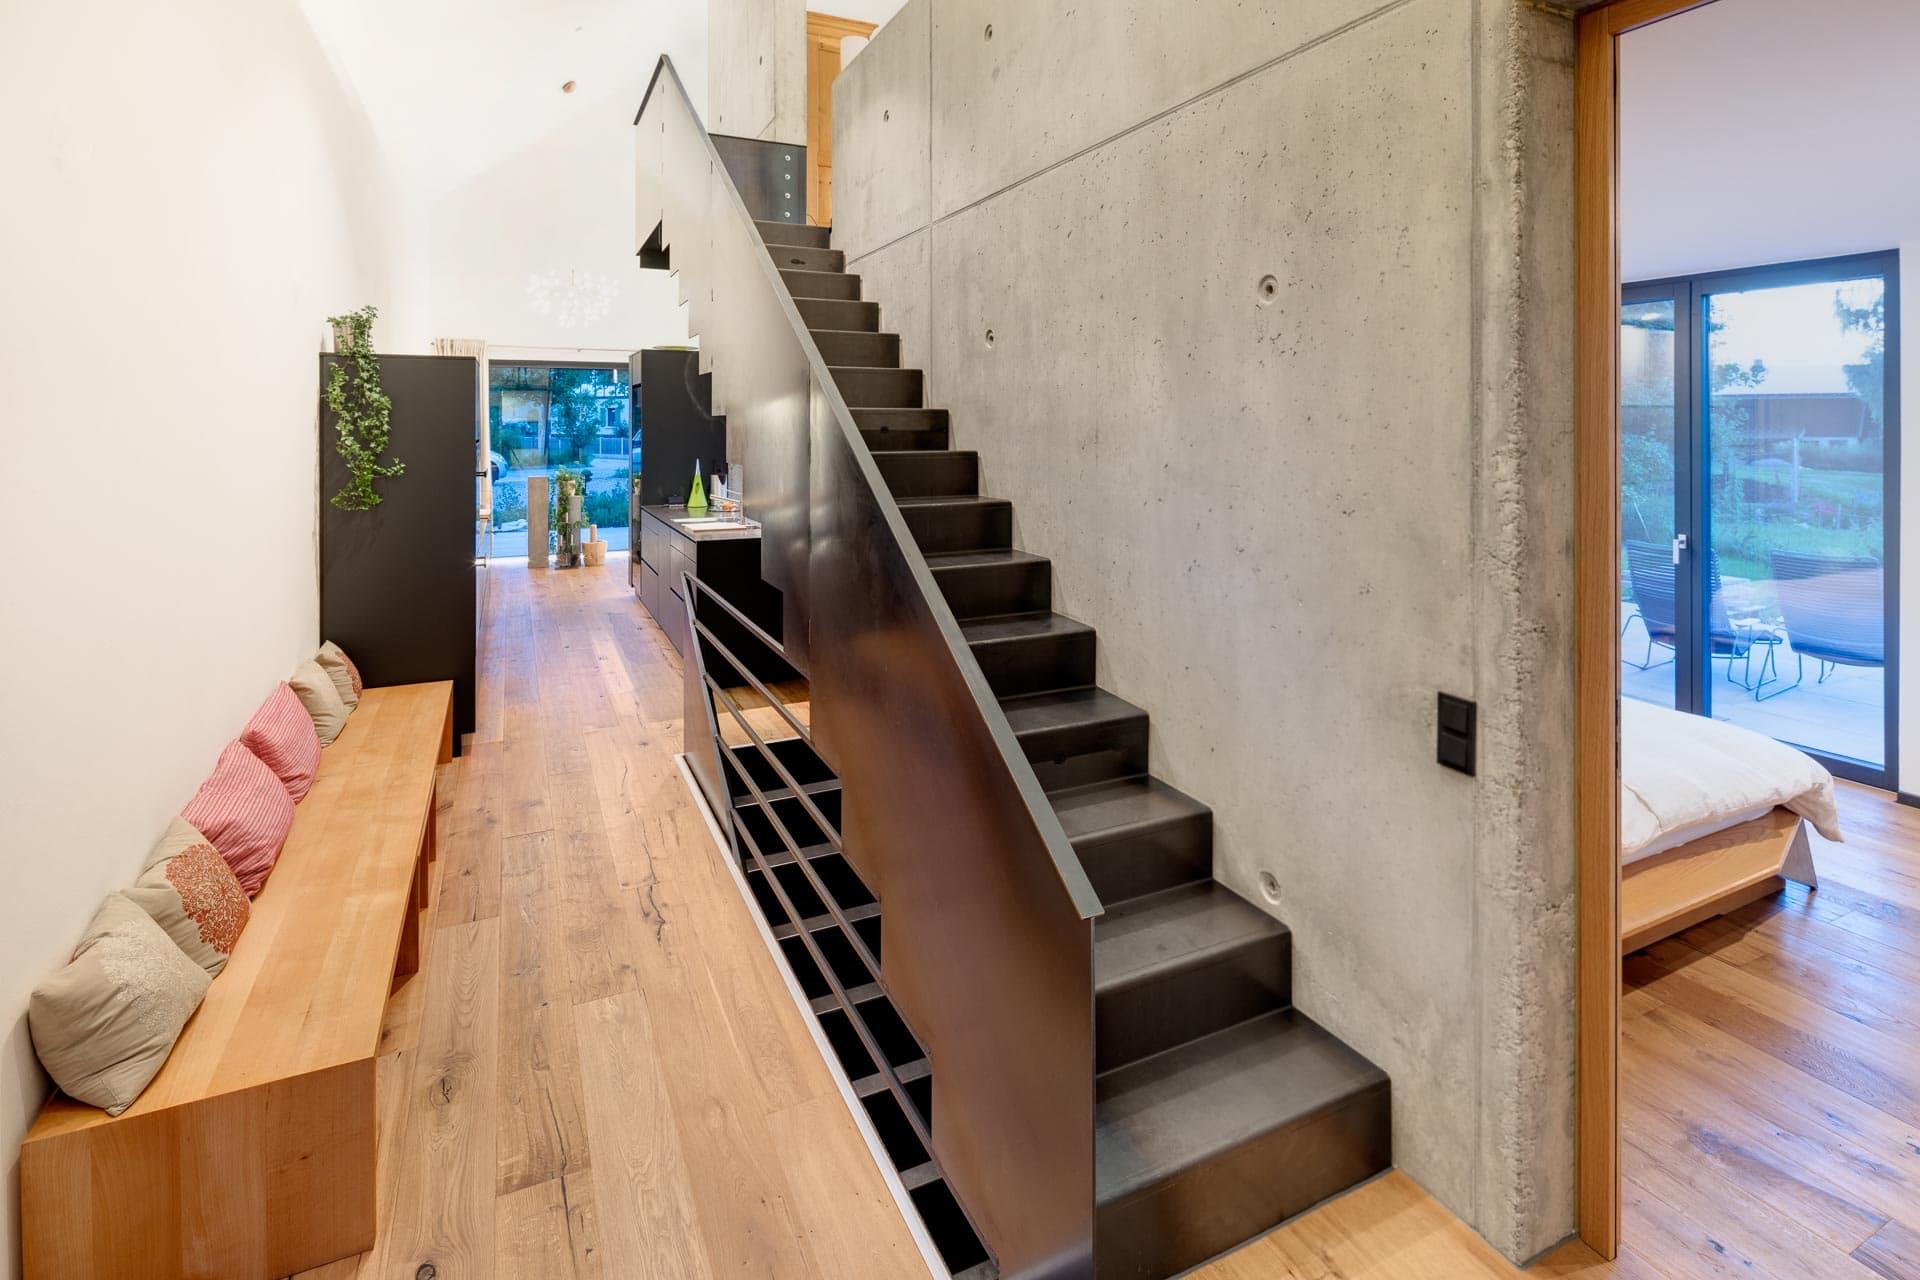 Haus S., Hohenstein. Schwille Architekten.